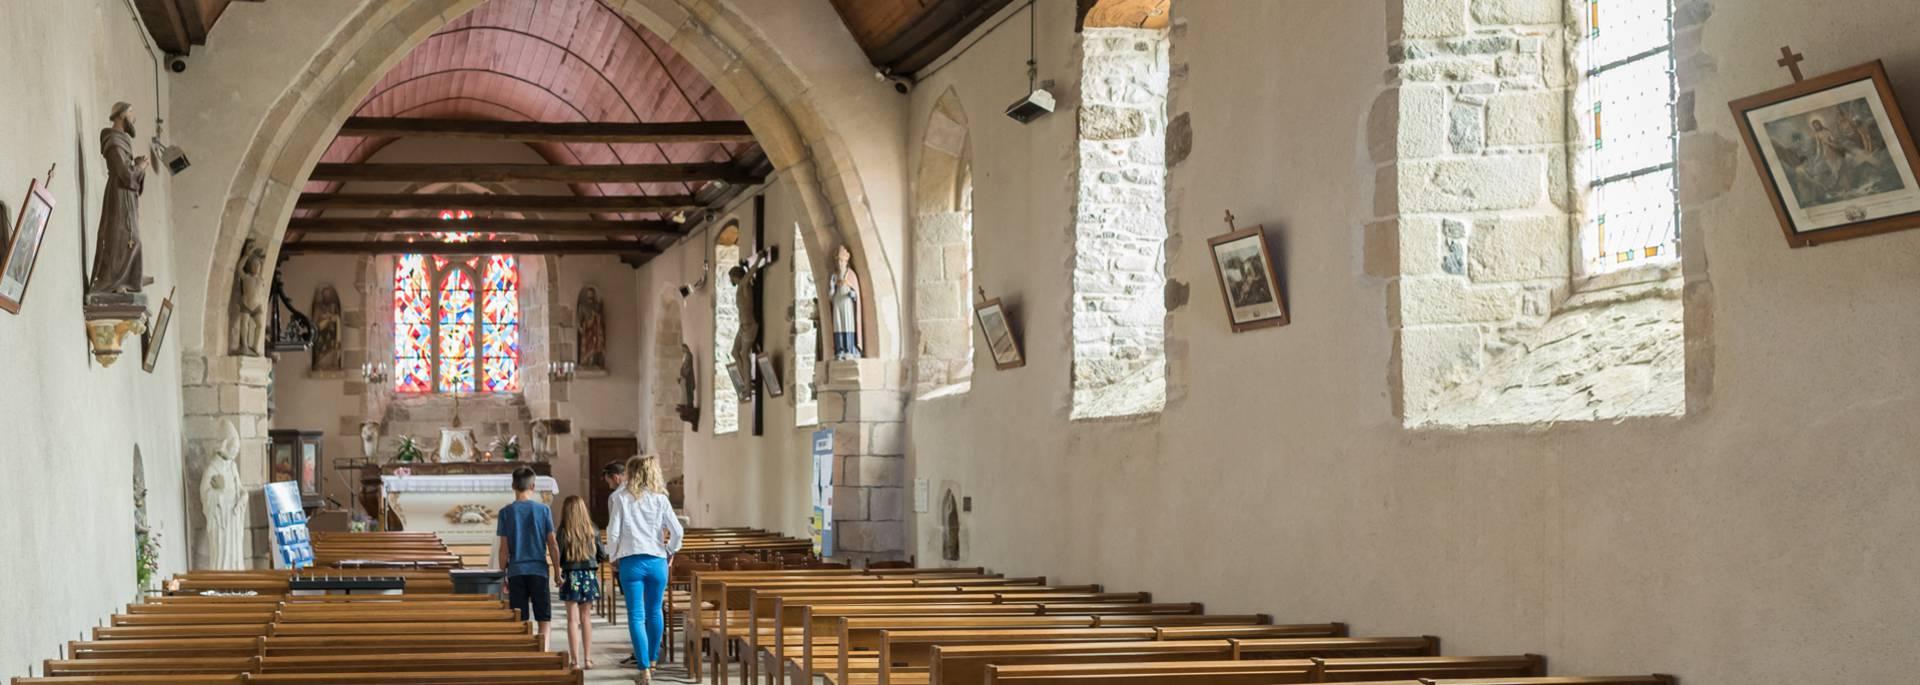 Eglise de Plurien